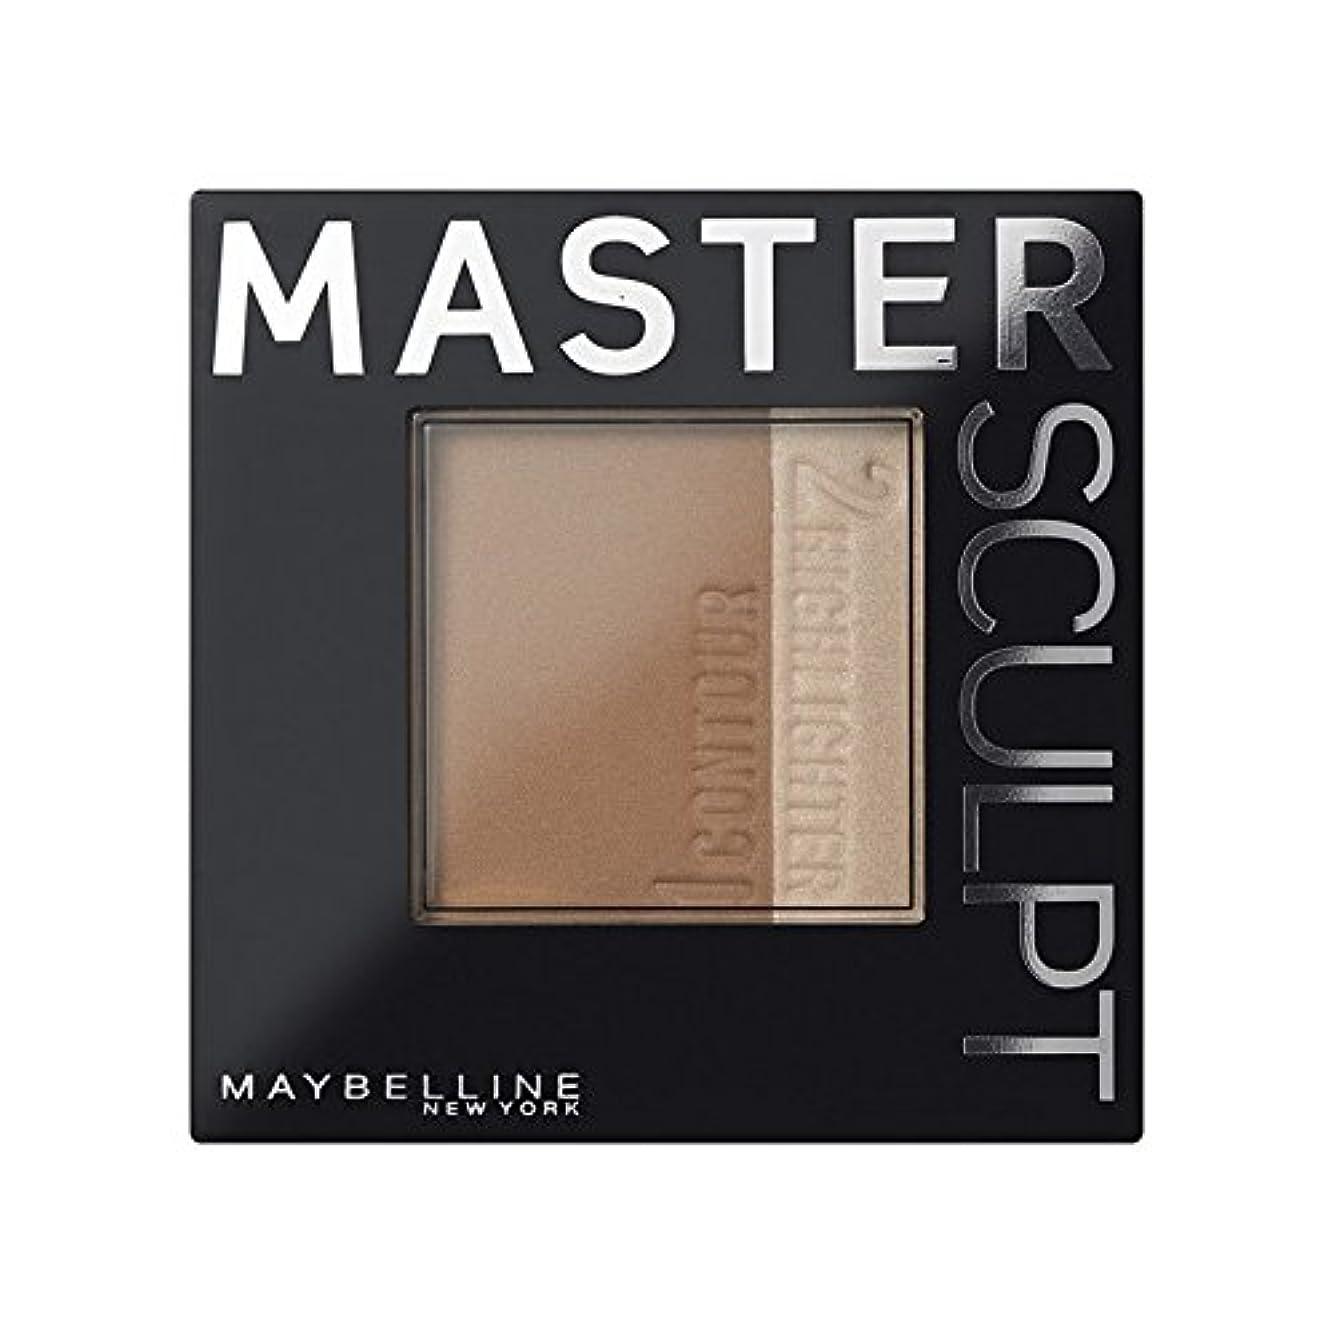 罹患率悪性腫瘍復活Maybelline Master Sculpt Contouring Foundation 01 Light/Med (Pack of 6) - 土台01光/ を輪郭メイベリンマスタースカルプト x6 [並行輸入品]